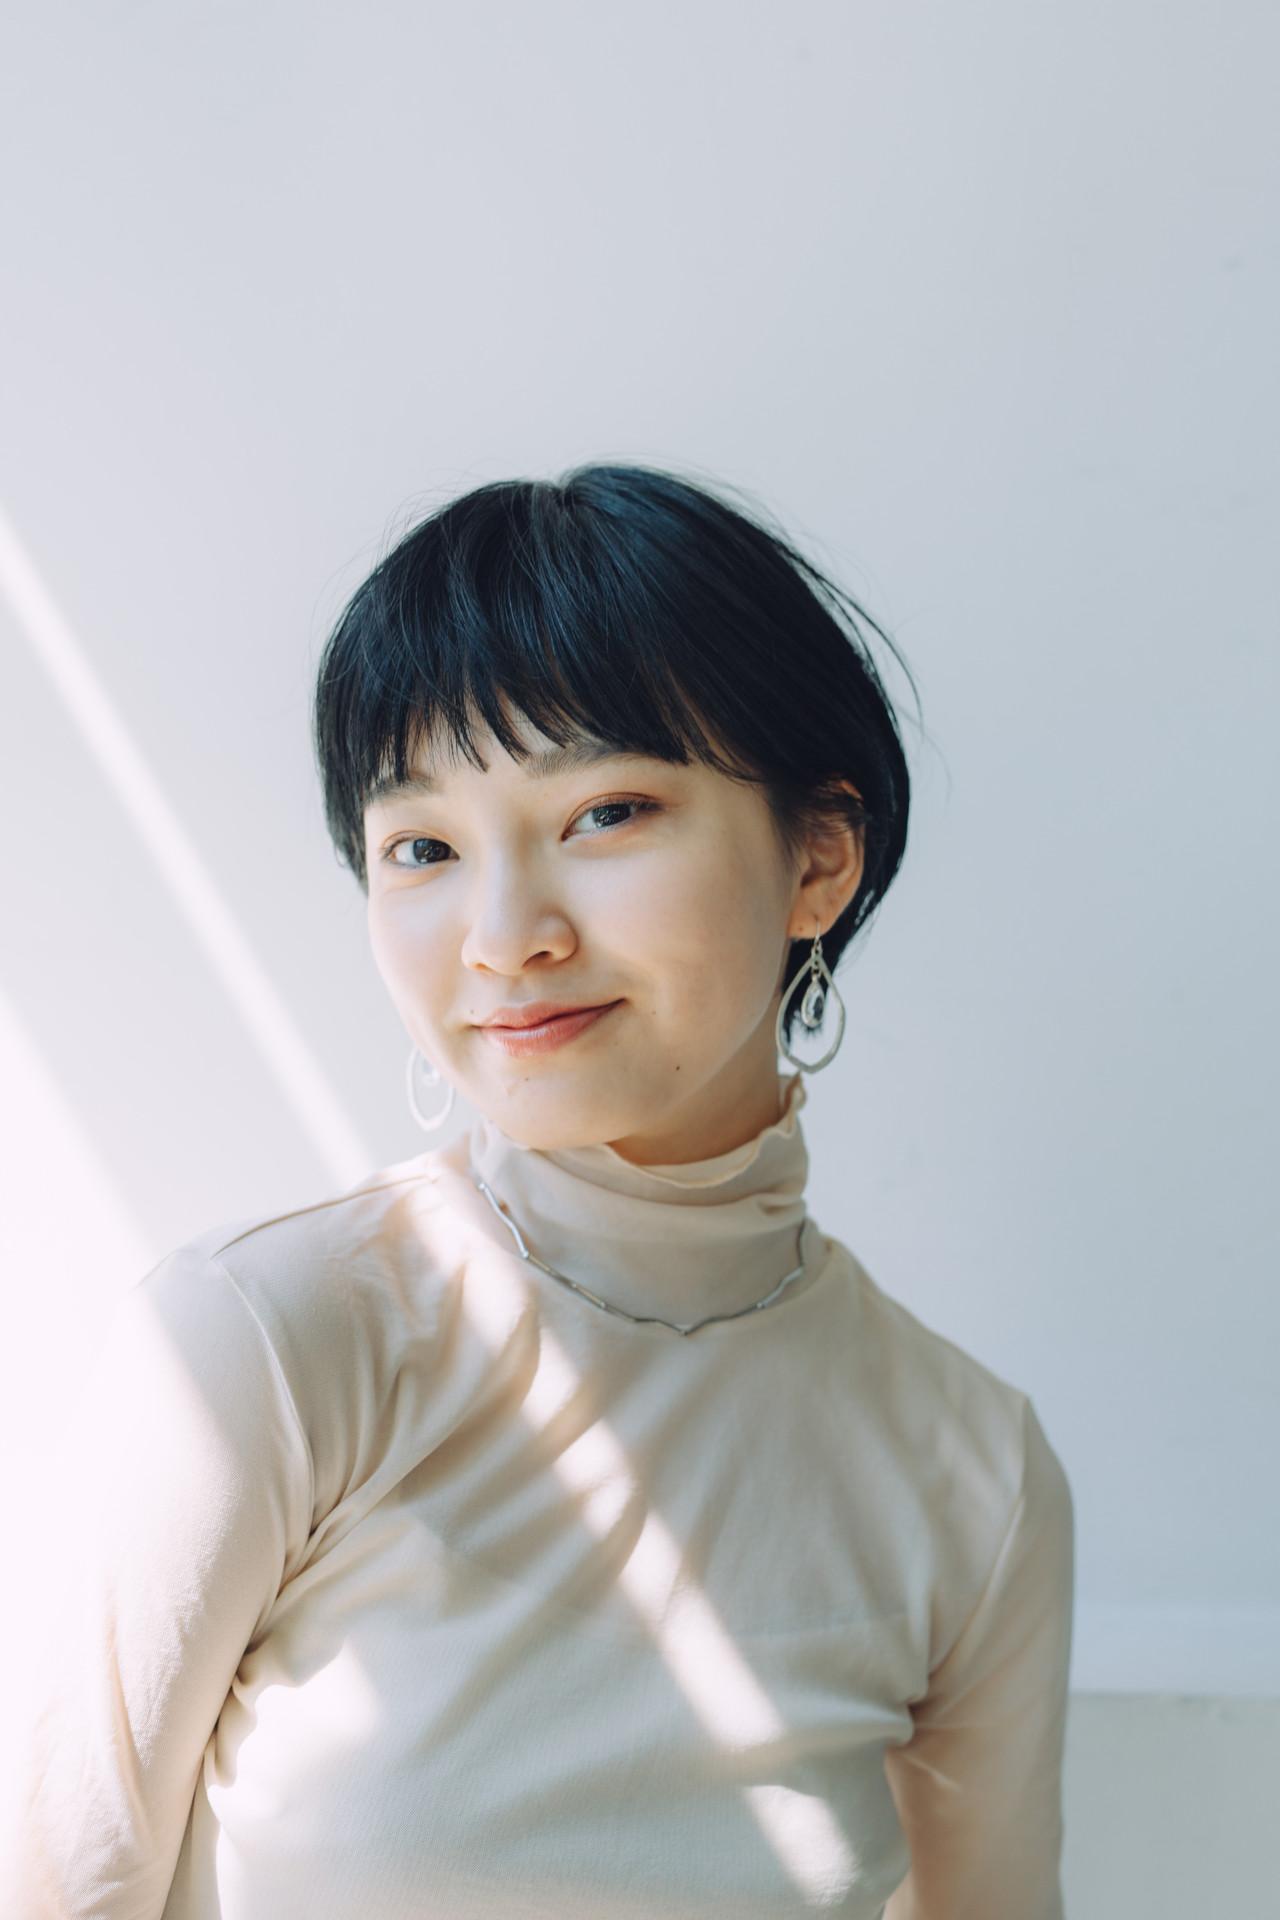 ハンサムショート ショートボブ ナチュラル ショート ヘアスタイルや髪型の写真・画像 | 児玉善央 / GARDEN harajuku